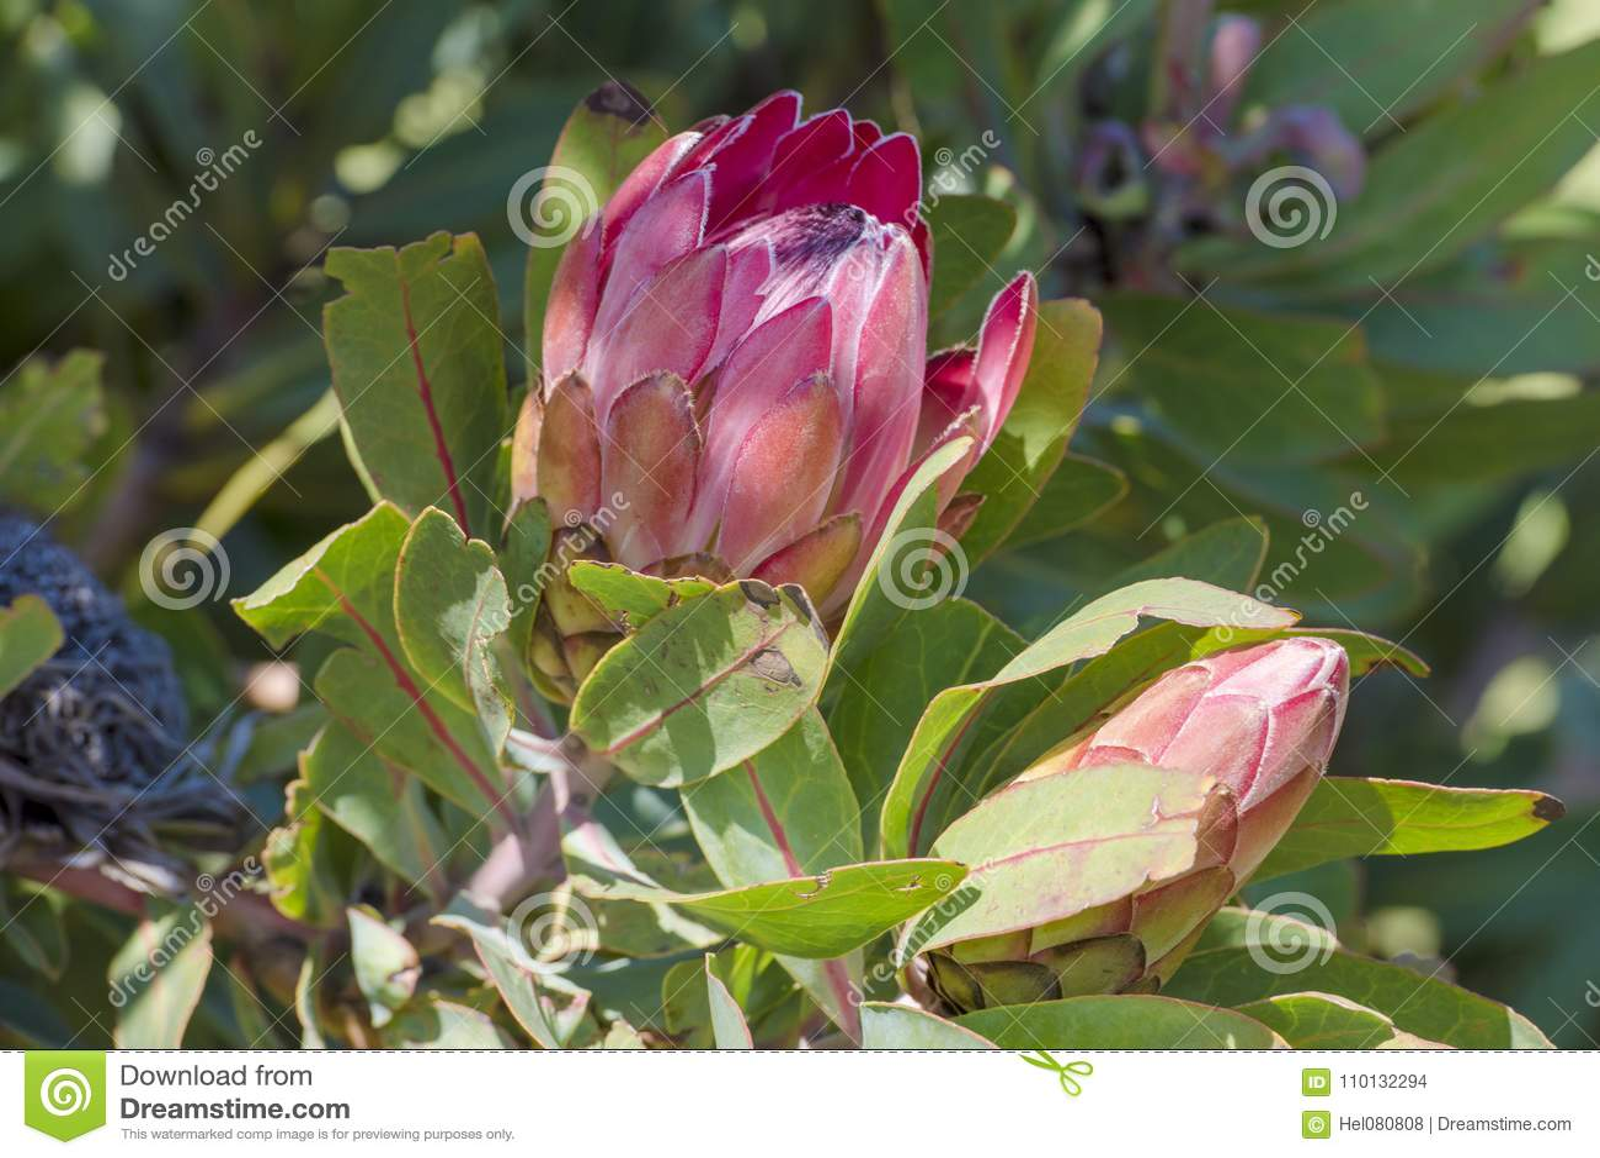 Le Roi Protea Fleur Nationale De L Afrique Du Sud Photo Stock